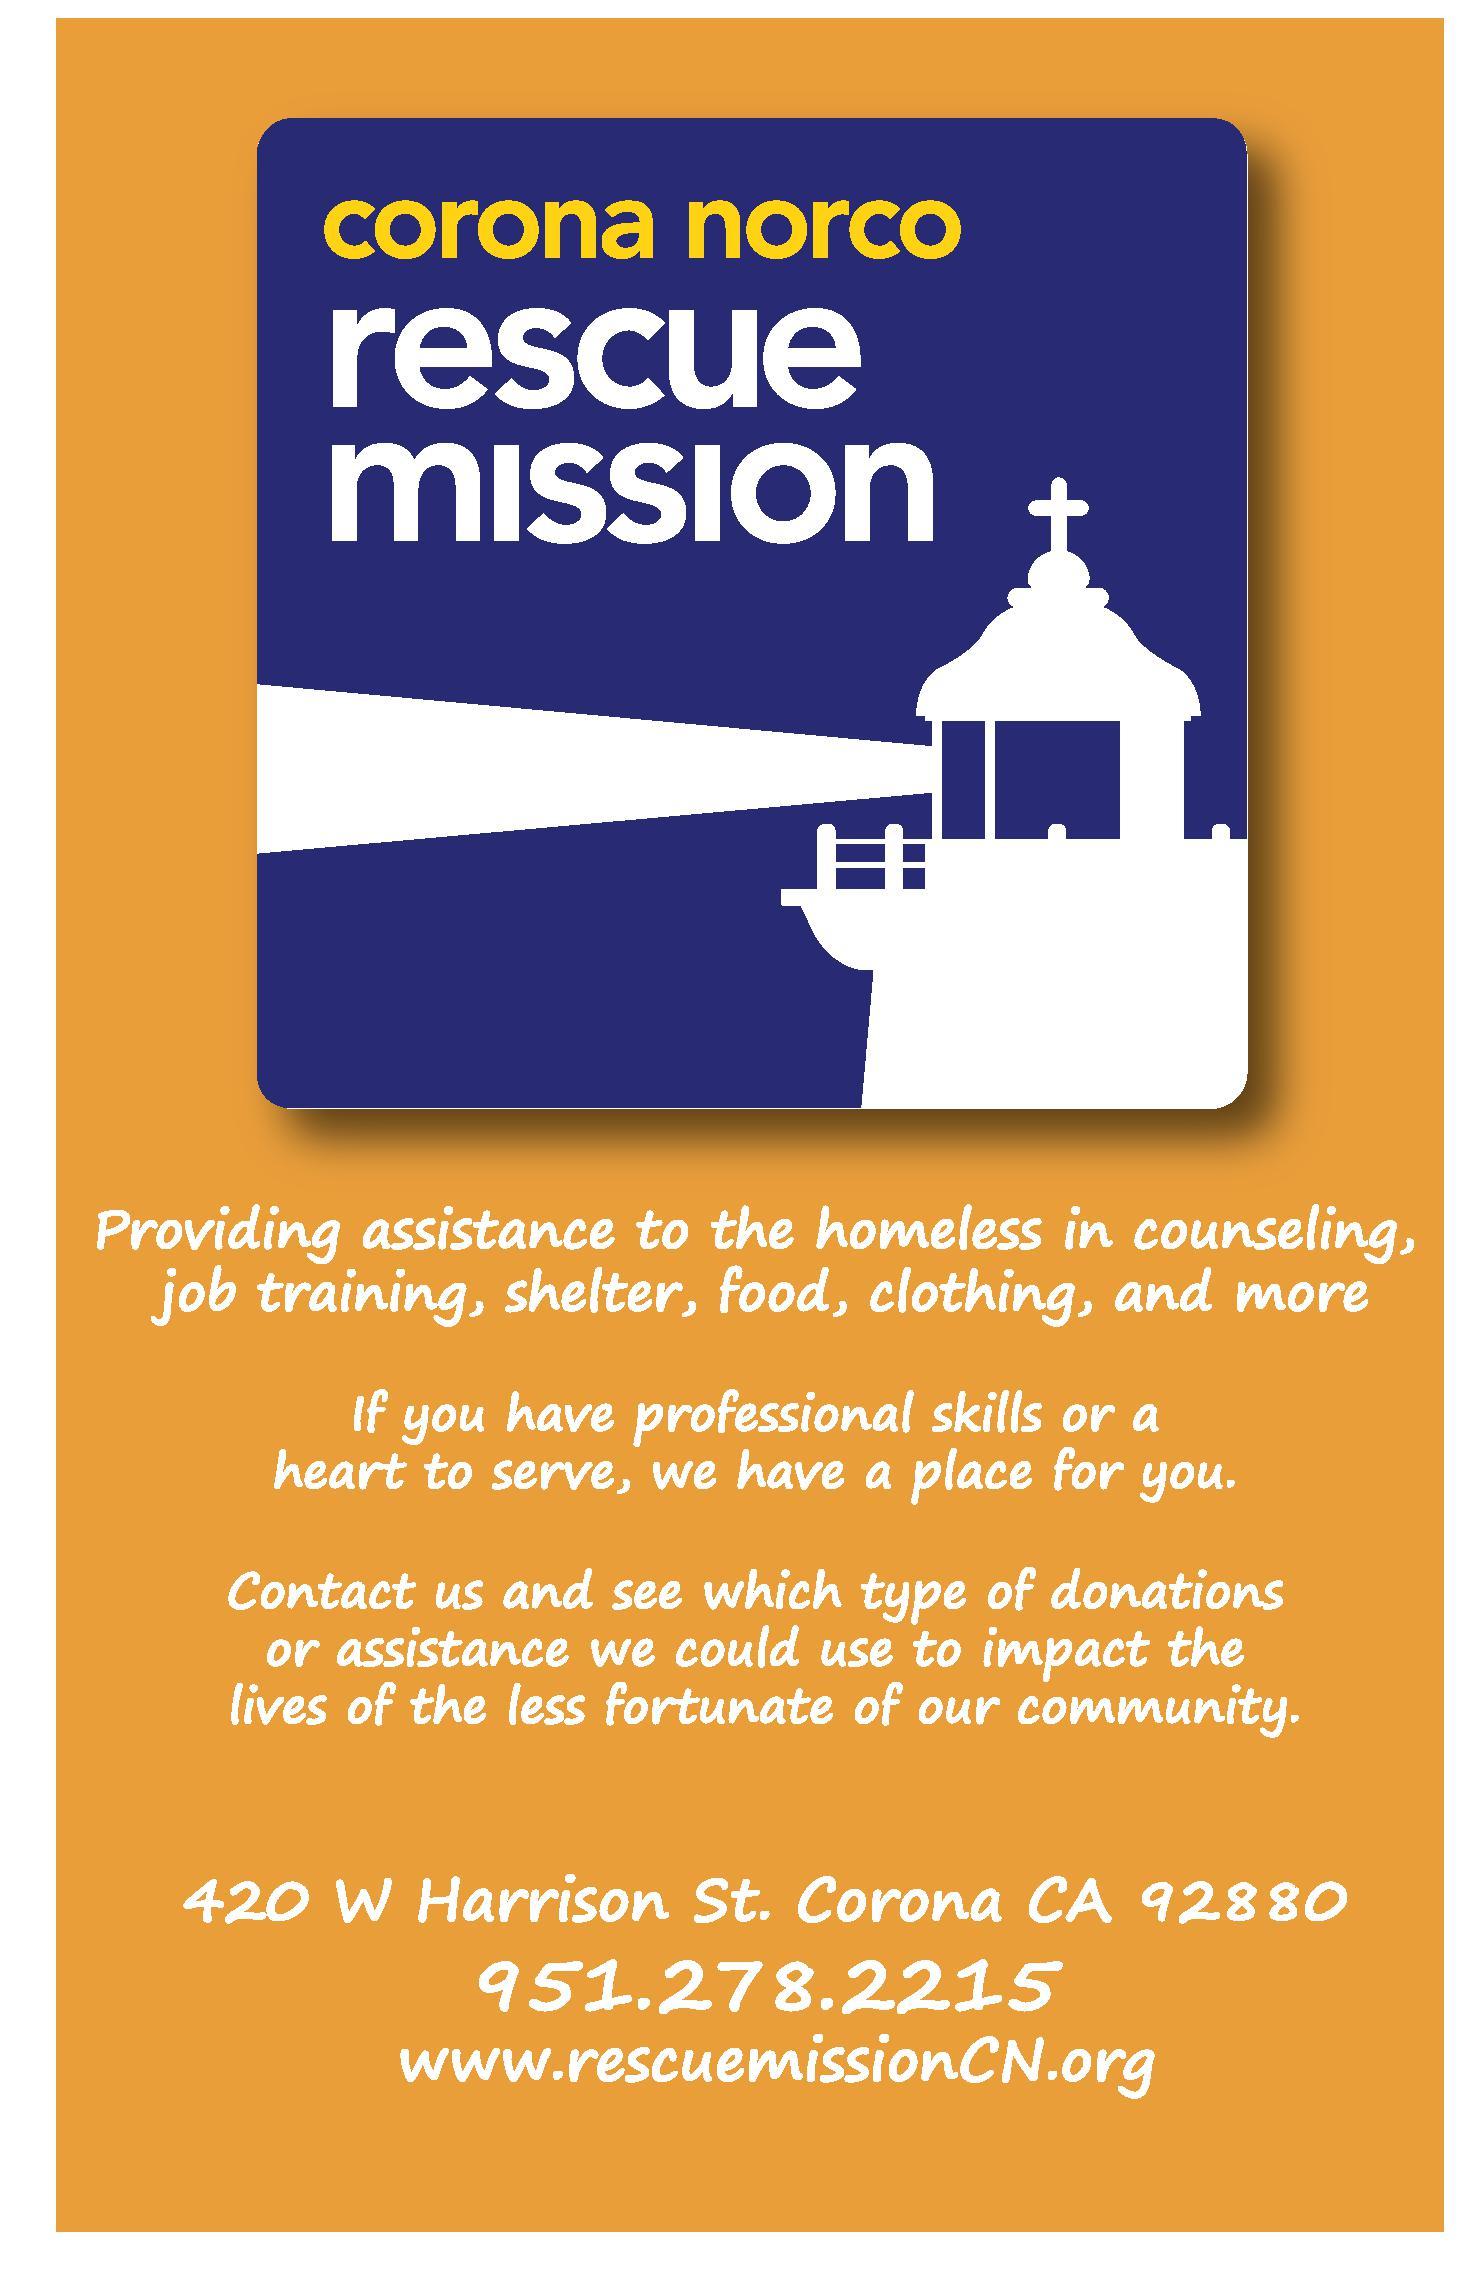 Corona Norco Rescue Mission